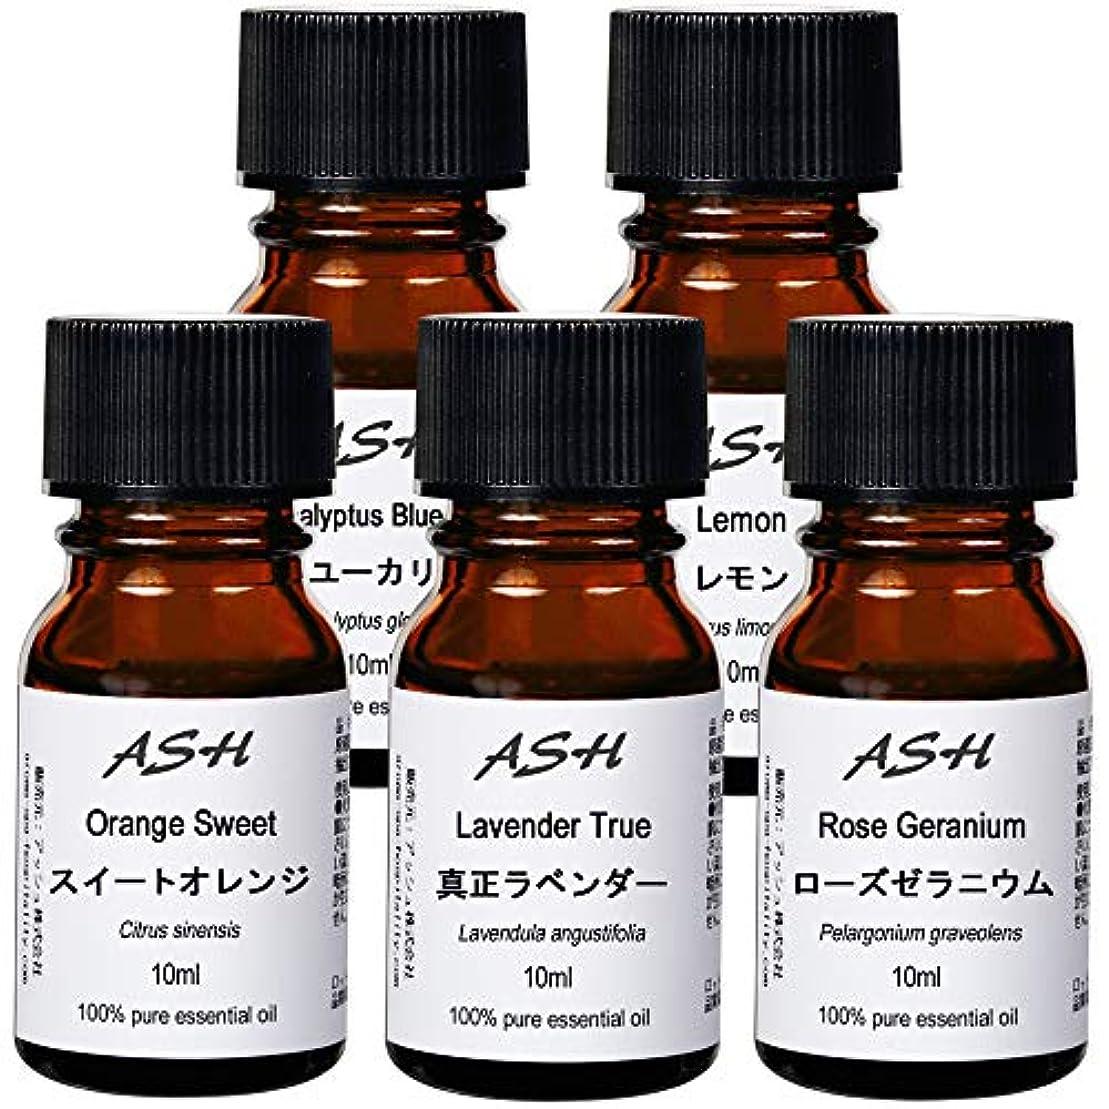 霧薬局系統的ASH エッセンシャルオイル A.お試し 10mlx5本セット (スイートオレンジ/ユーカリ/ラベンダー/レモン/ローズゼラニウム) AEAJ認定精油